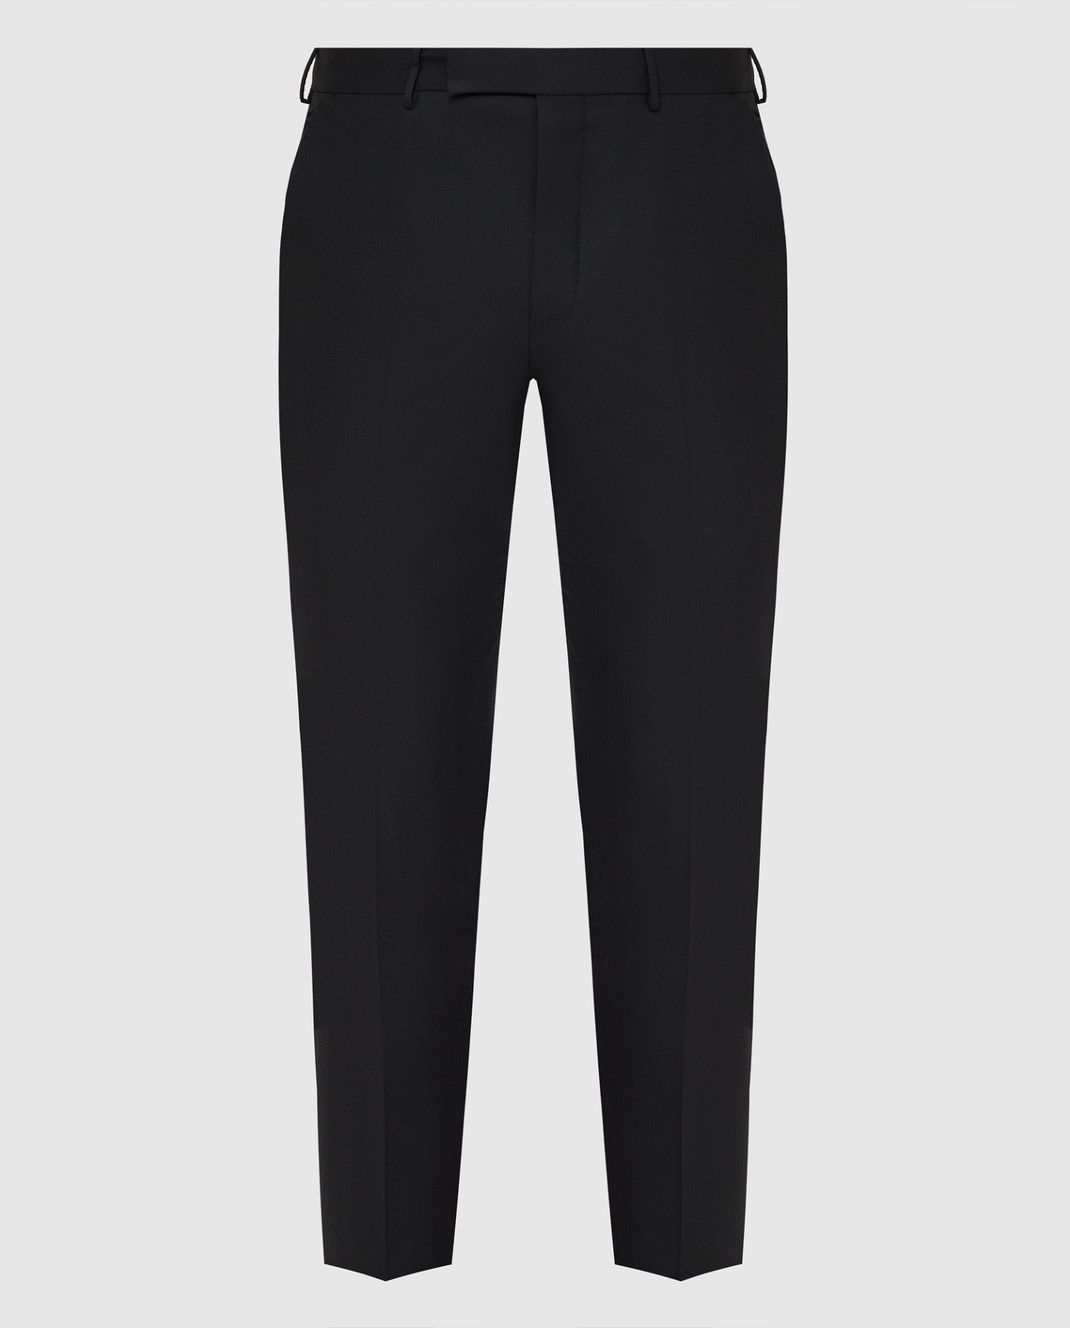 Ermenegildo Zegna Черные брюки из шерсти изображение 1